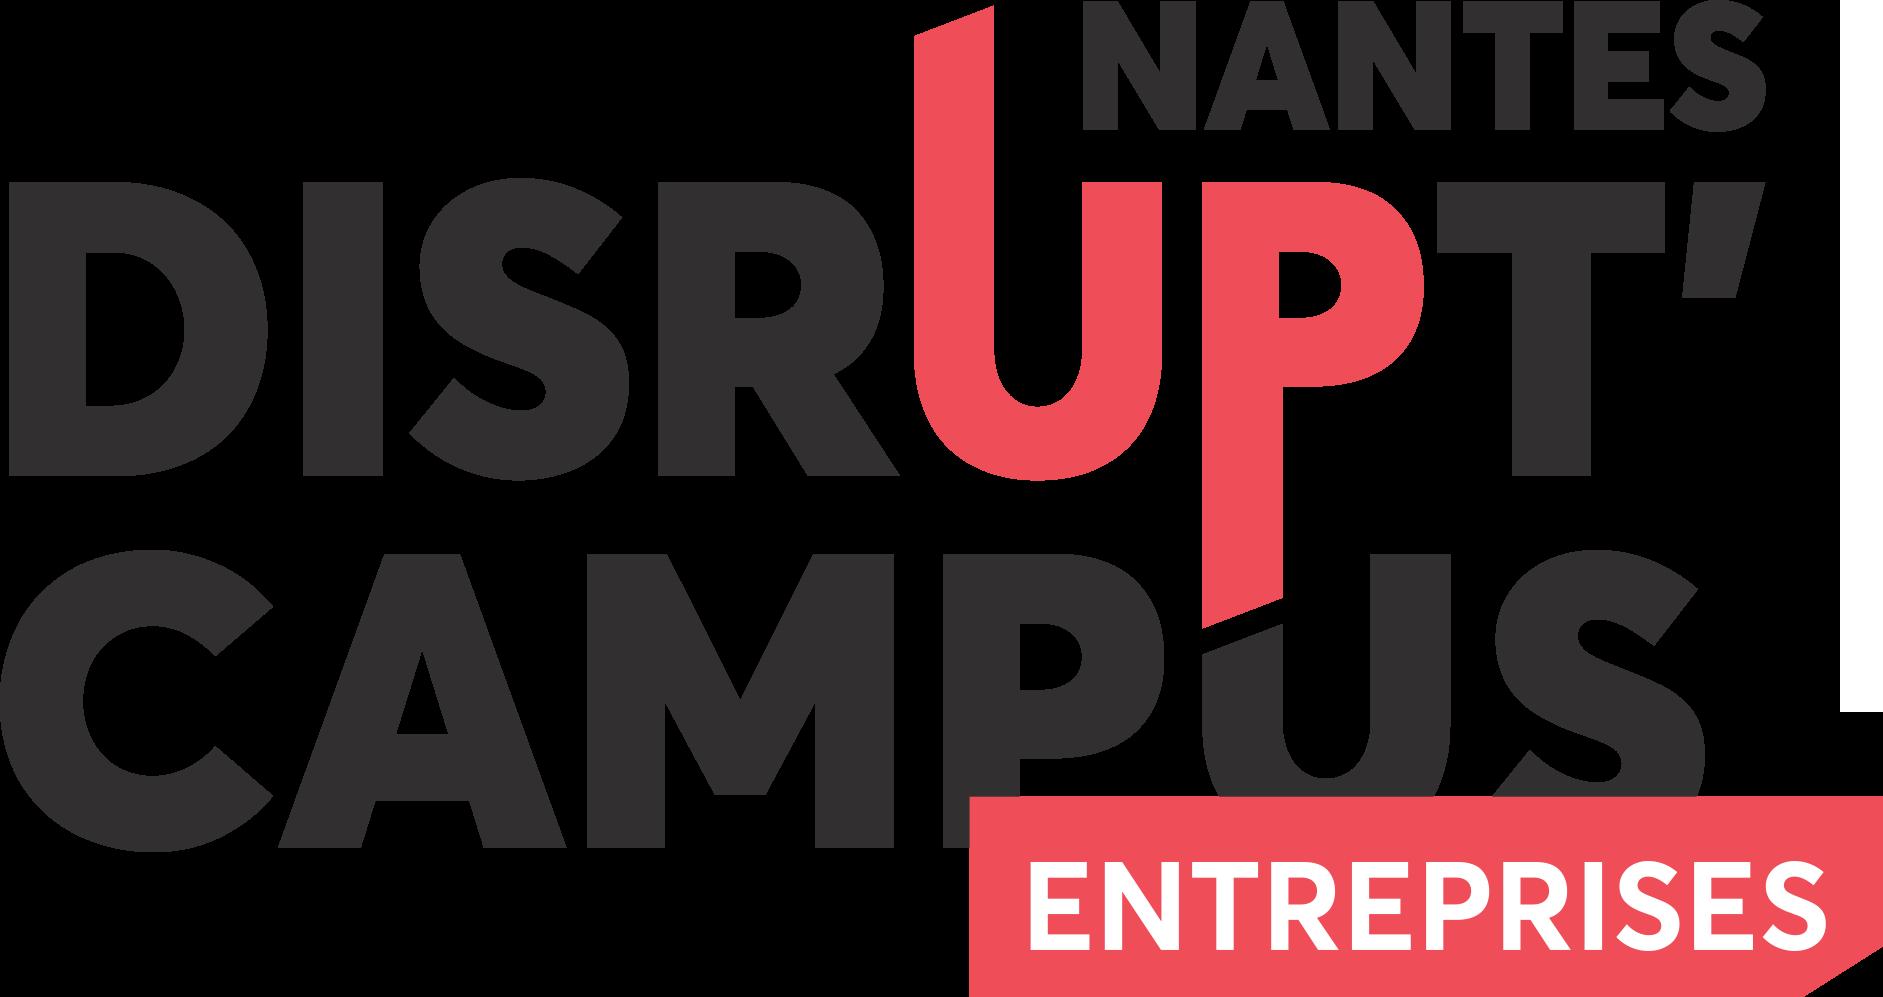 entreprises-disrupt-campus-nantes